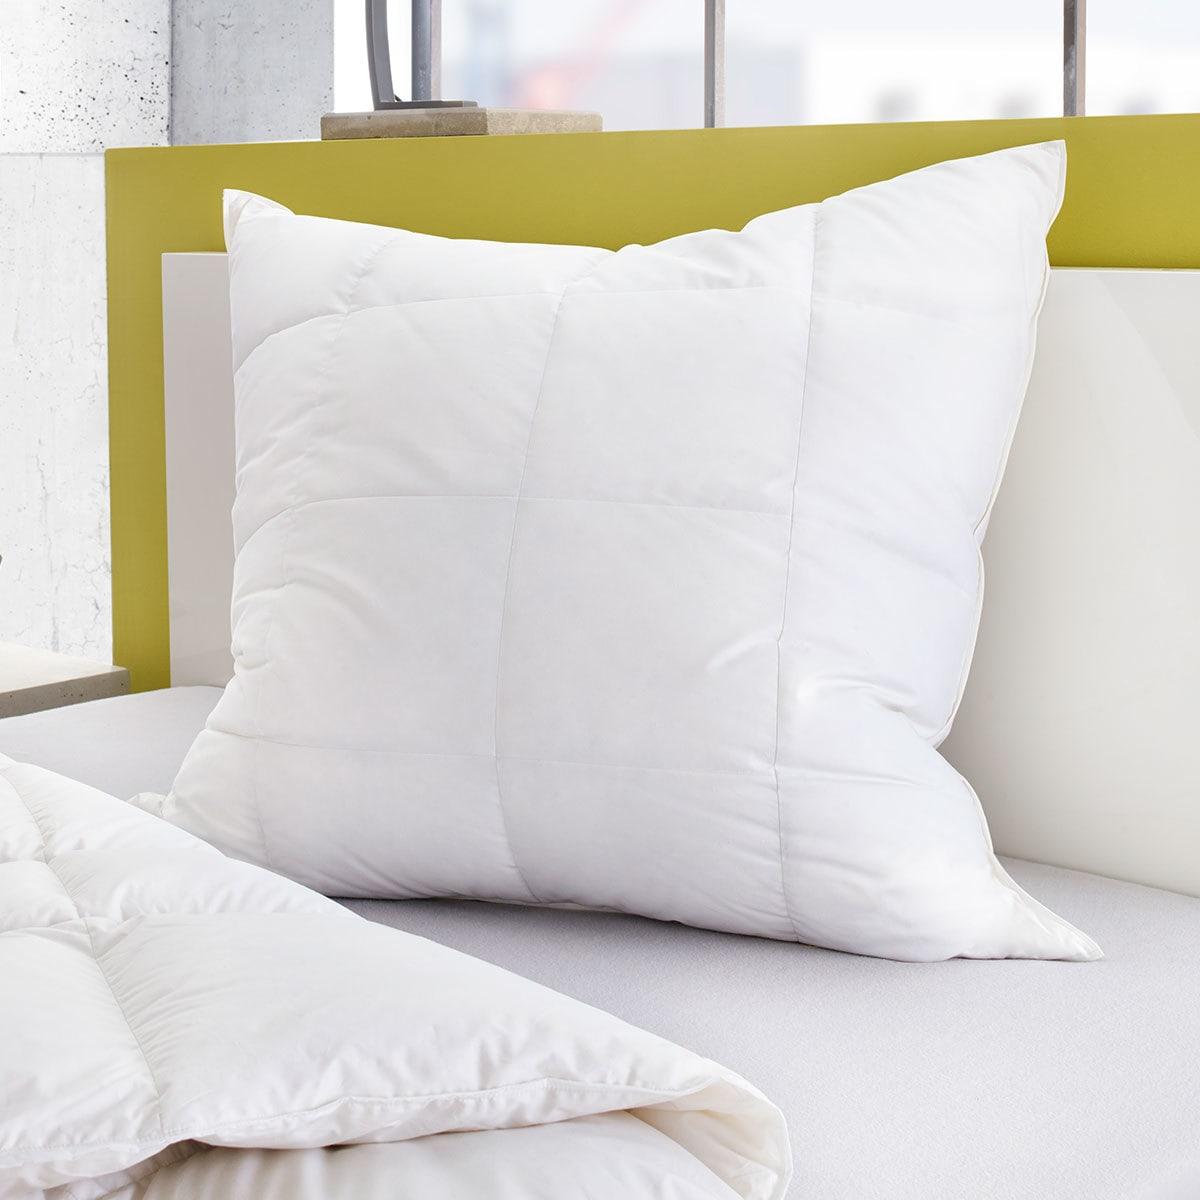 kopfkissen im trockner schlafzimmer ideen f r kleine r ume ikea microfaser fleece bettw sche 4. Black Bedroom Furniture Sets. Home Design Ideas